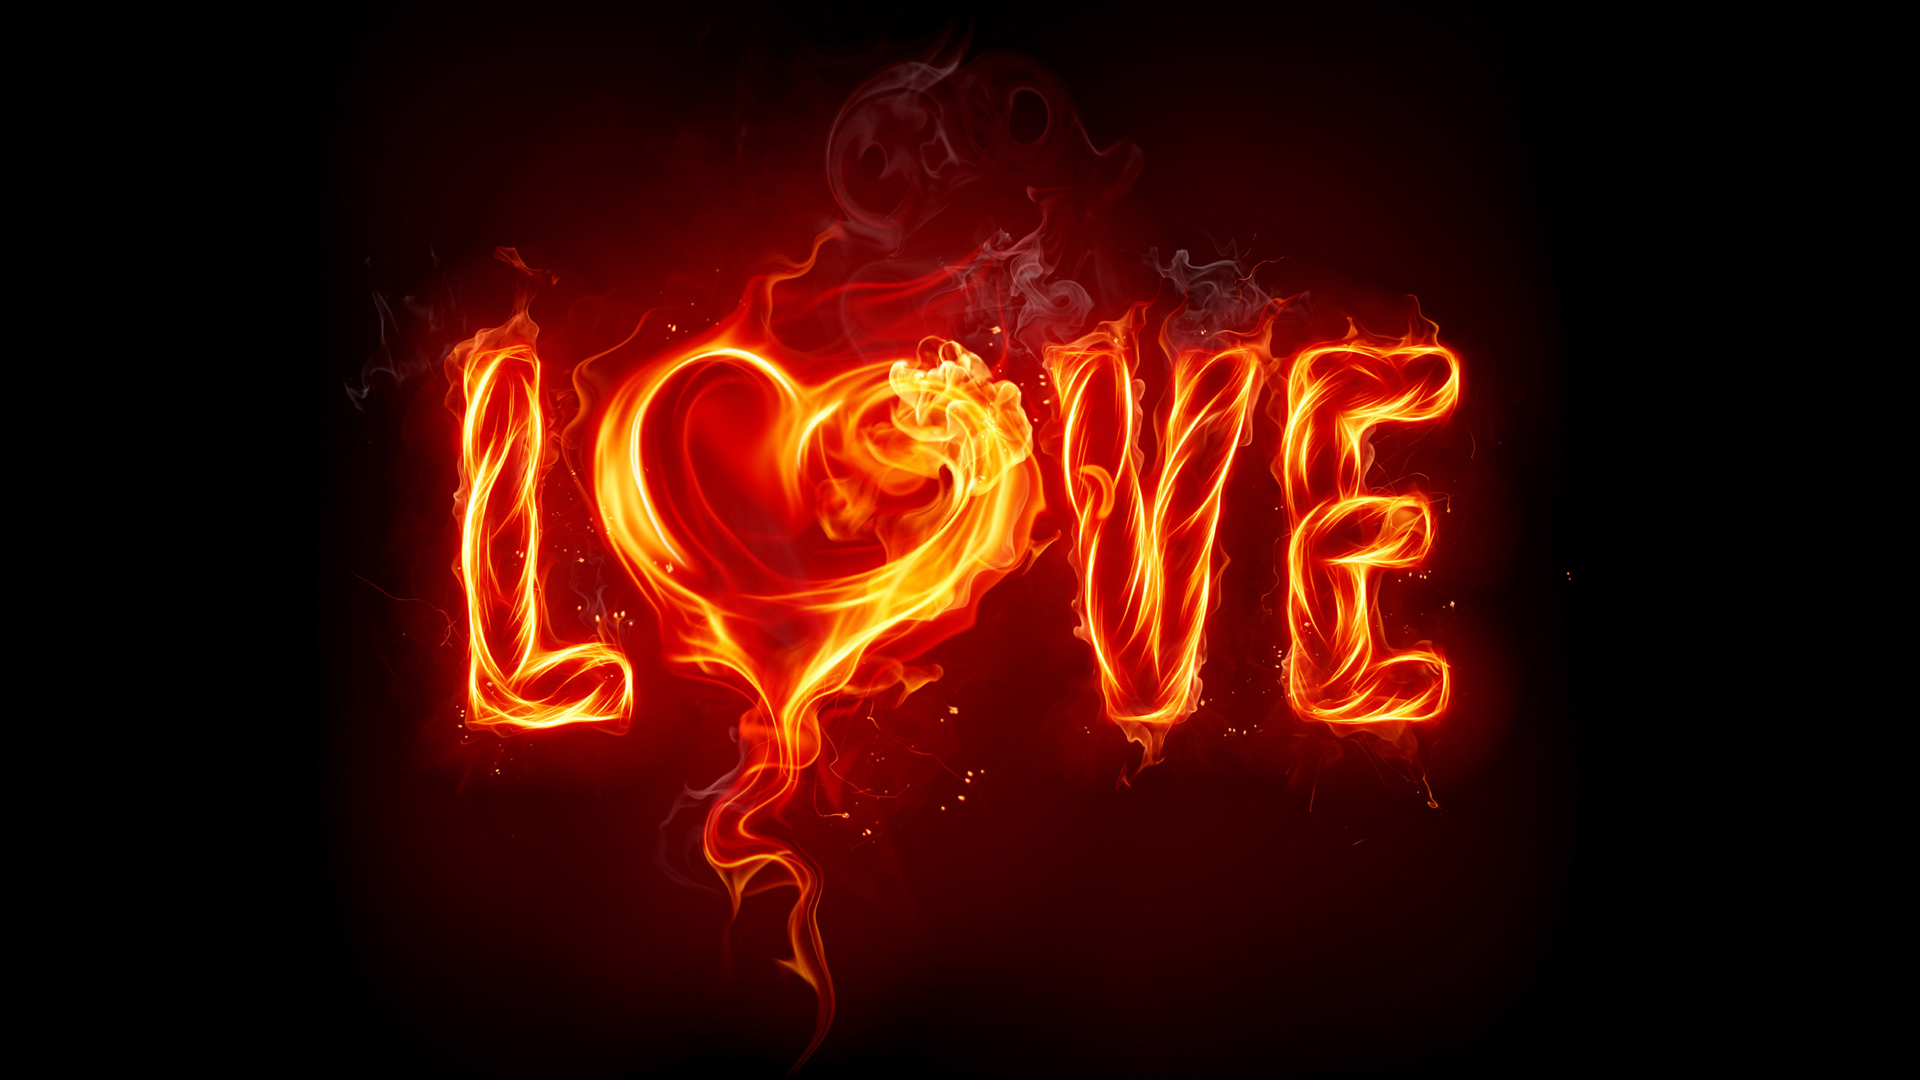 Love-Fire